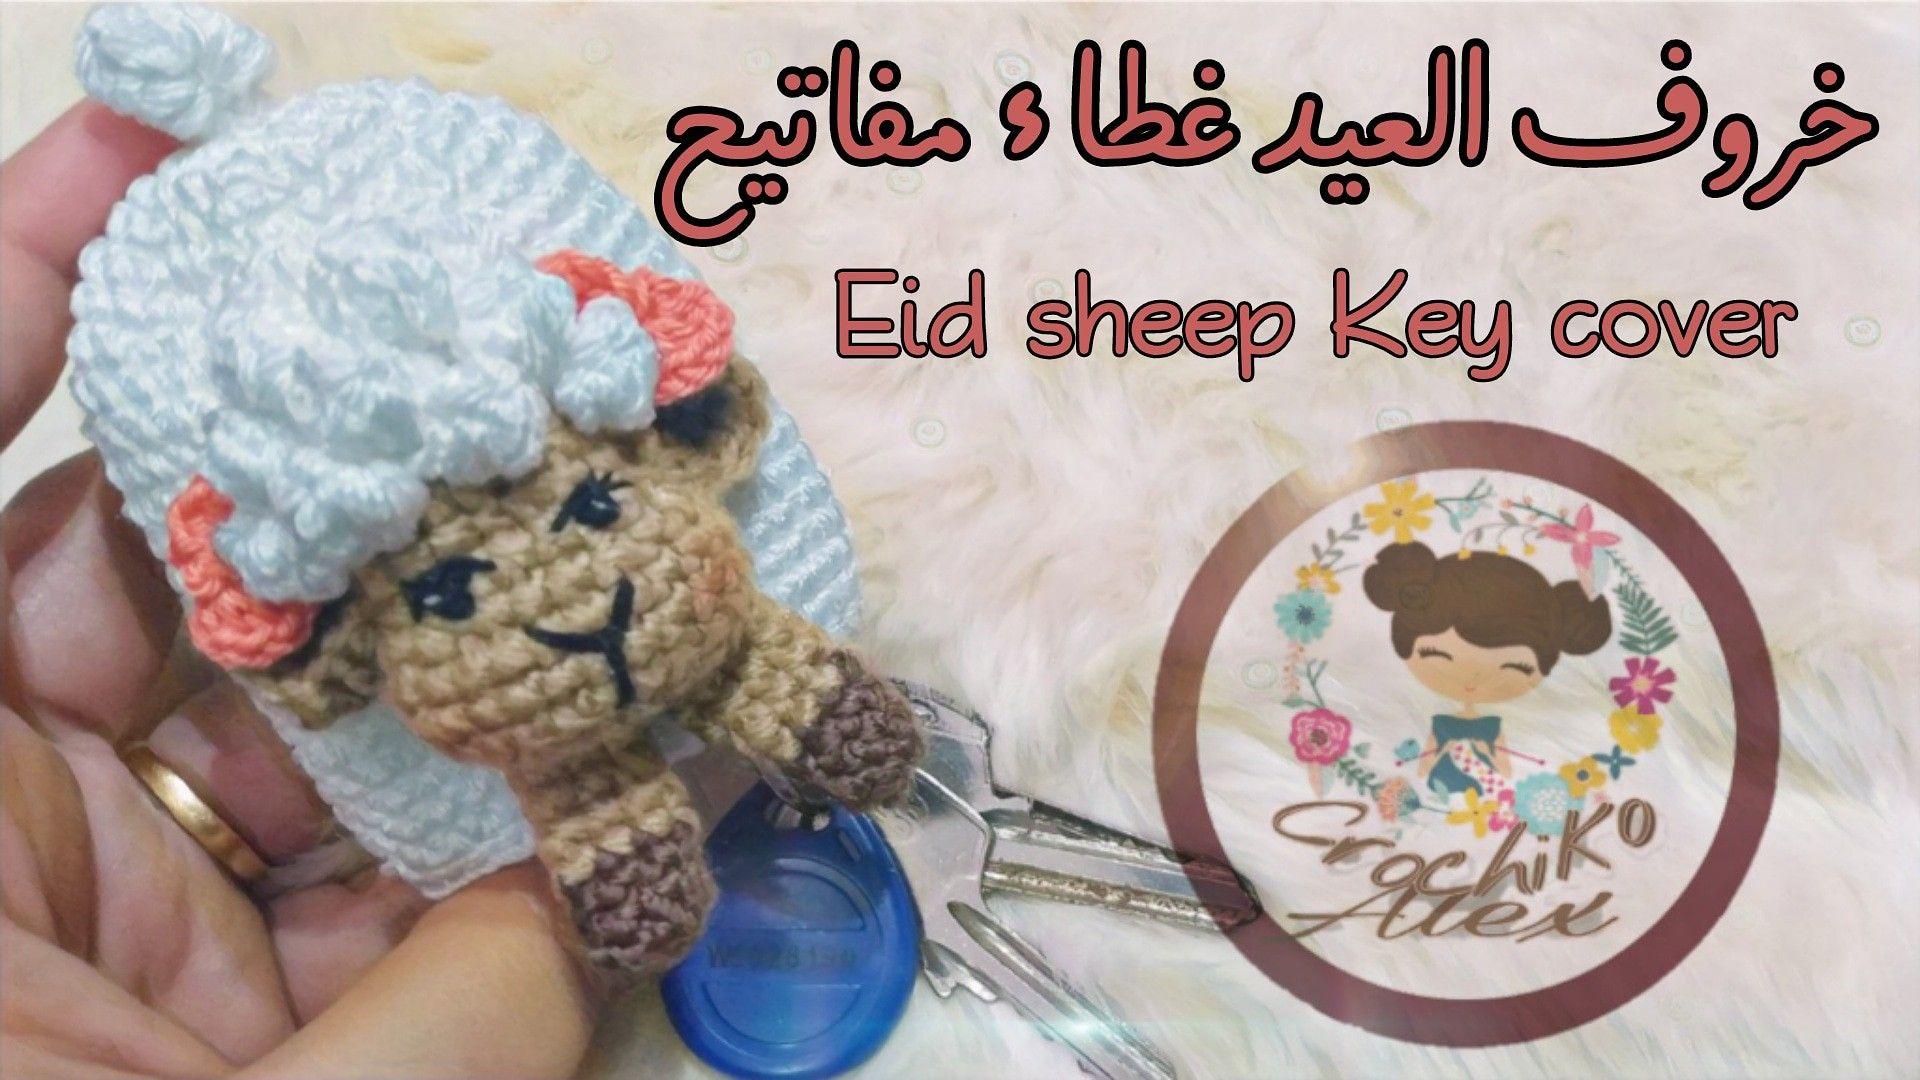 خروف العيد كروشيه Key Cover Sheep Crochet Key Cover Love Crochet Key Covers